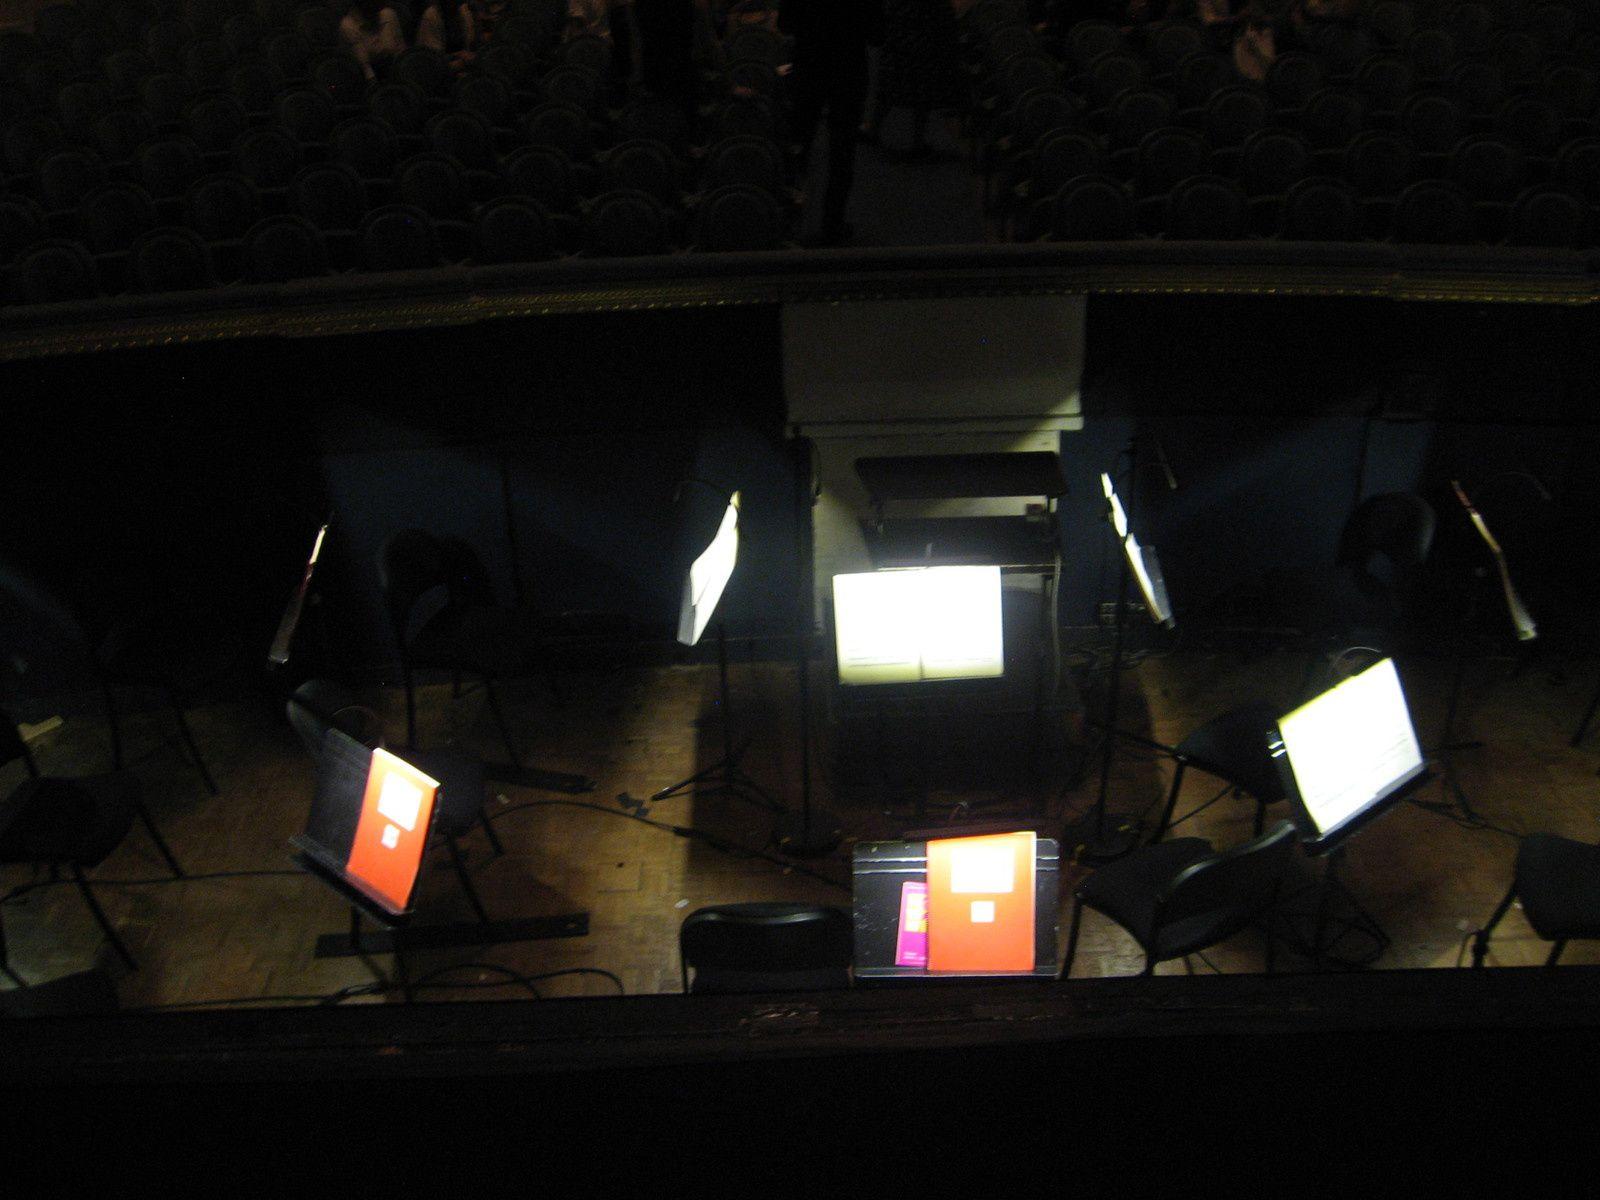 Bureau du Chef du coeur et pupitre avant la répétition, le Coeur de l'Opéra de Bordeaux lors de la journée  tous à l'Opéra, fosse d'orchestre et plafond vus depuis la scène .